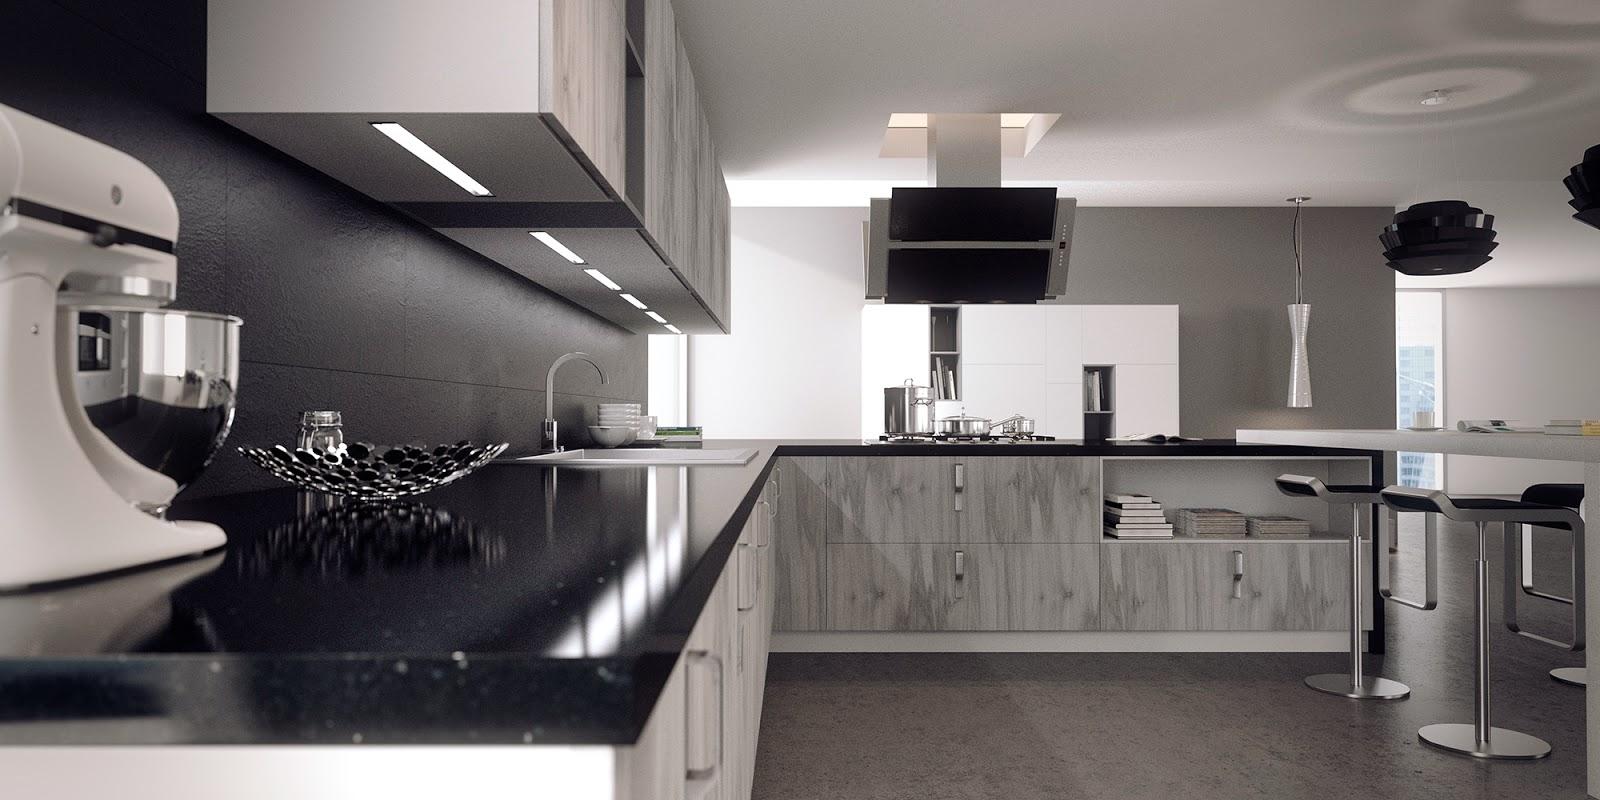 Jose vicente sanz march ambiente cocina con muebles en for Programas para disenar cocinas en 3d